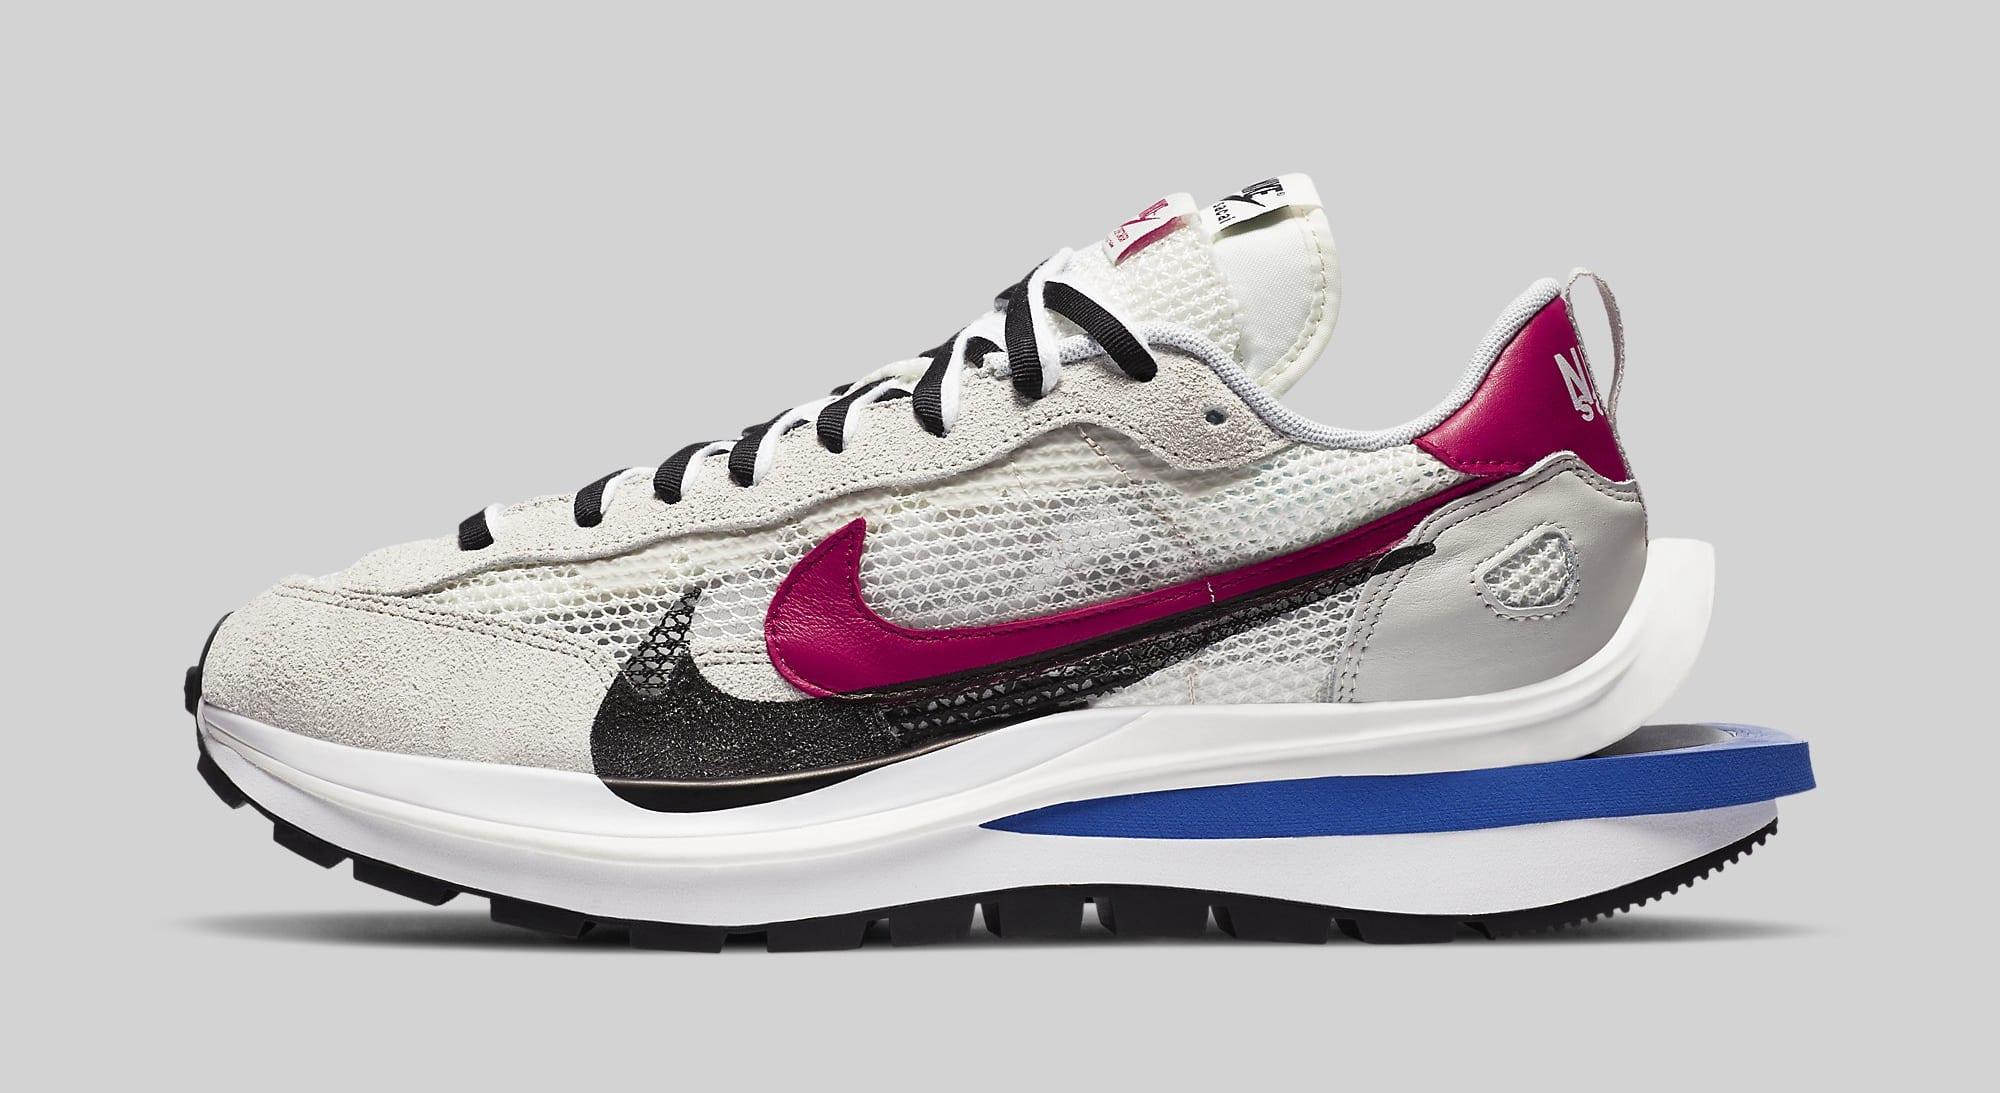 Sacai x Nike VaporWaffle 'Sail' CV1363-100 Lateral